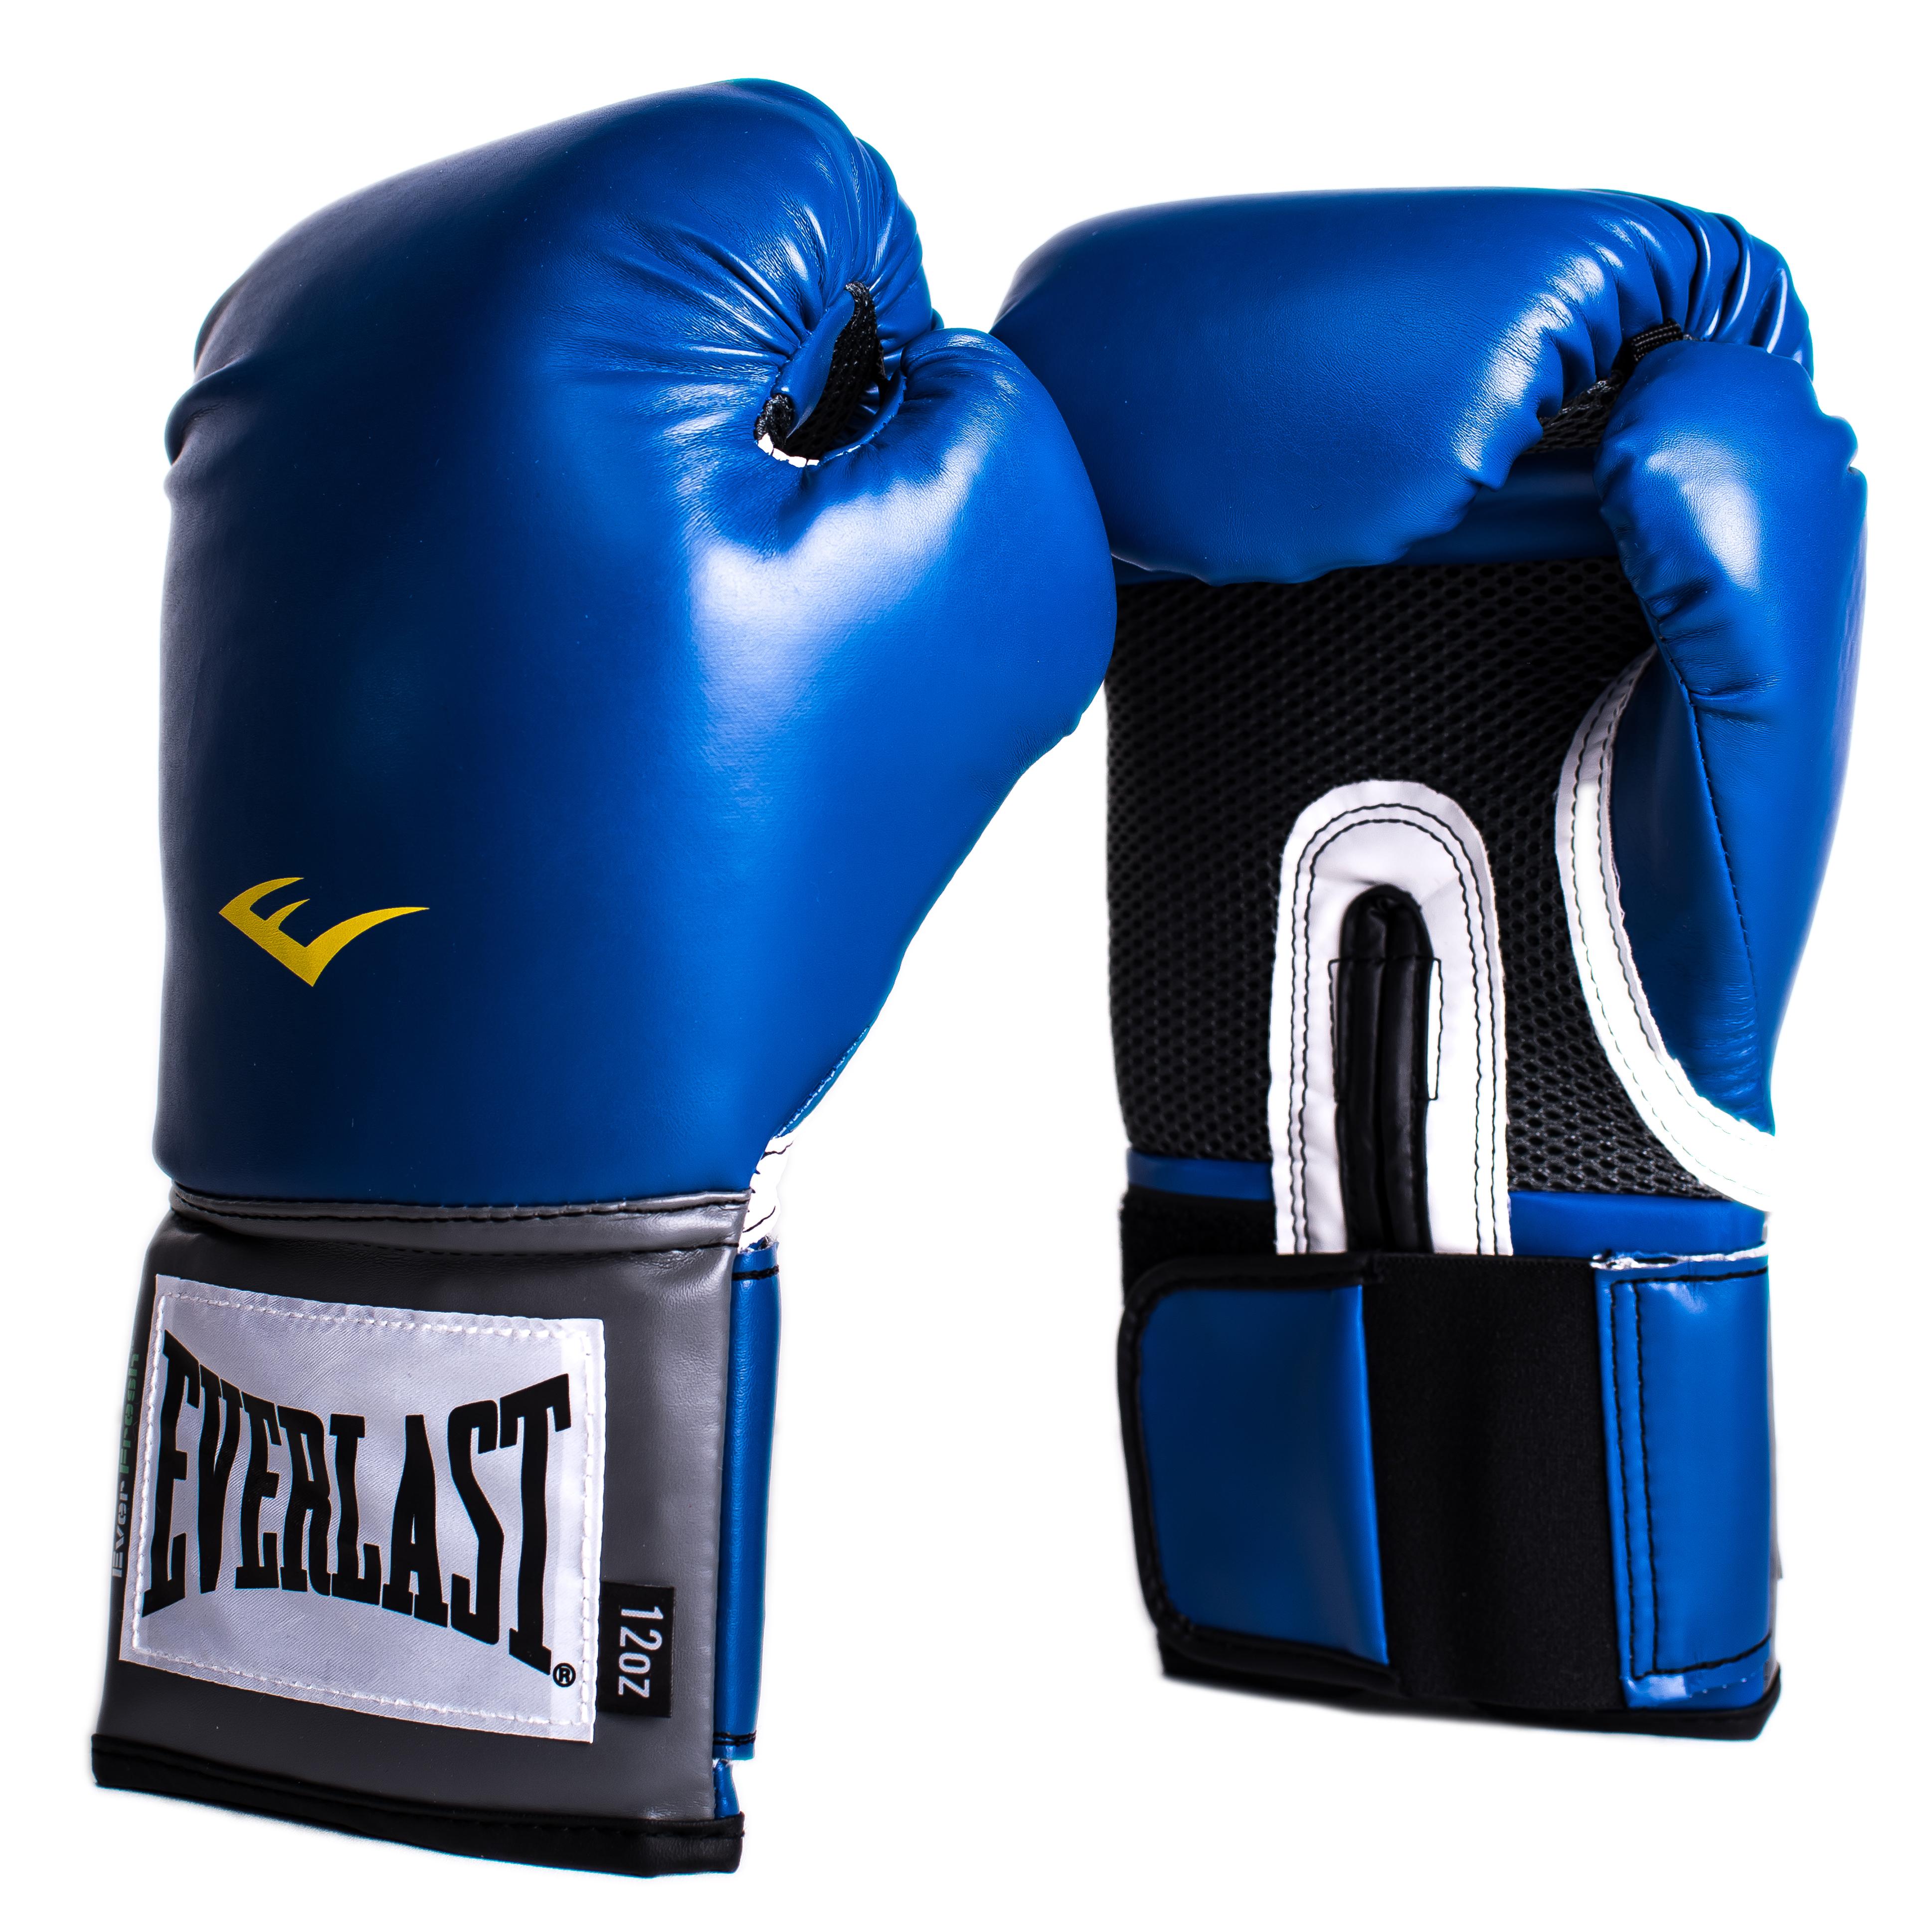 Перчатки тренировочные Everlast Pro Style Anti-MB, цвет: синий. Вес 8 унций2208YUОптимальные перчатки Everlast Pro Style Anti-MB для начинающих спортсменов. Анатомически правильное внутреннее пространство перчатки обеспечивает правильное положение кисти. Плотный, инновационный двухслойный пенный наполнитель обеспечивает лучшую поглотительную способность и полную защиту ударной части кисти. ThumbLok обеспечивает безопасное положение большого пальца. Сделаны из высокотехнологичной износостойкой синтетической кожи.